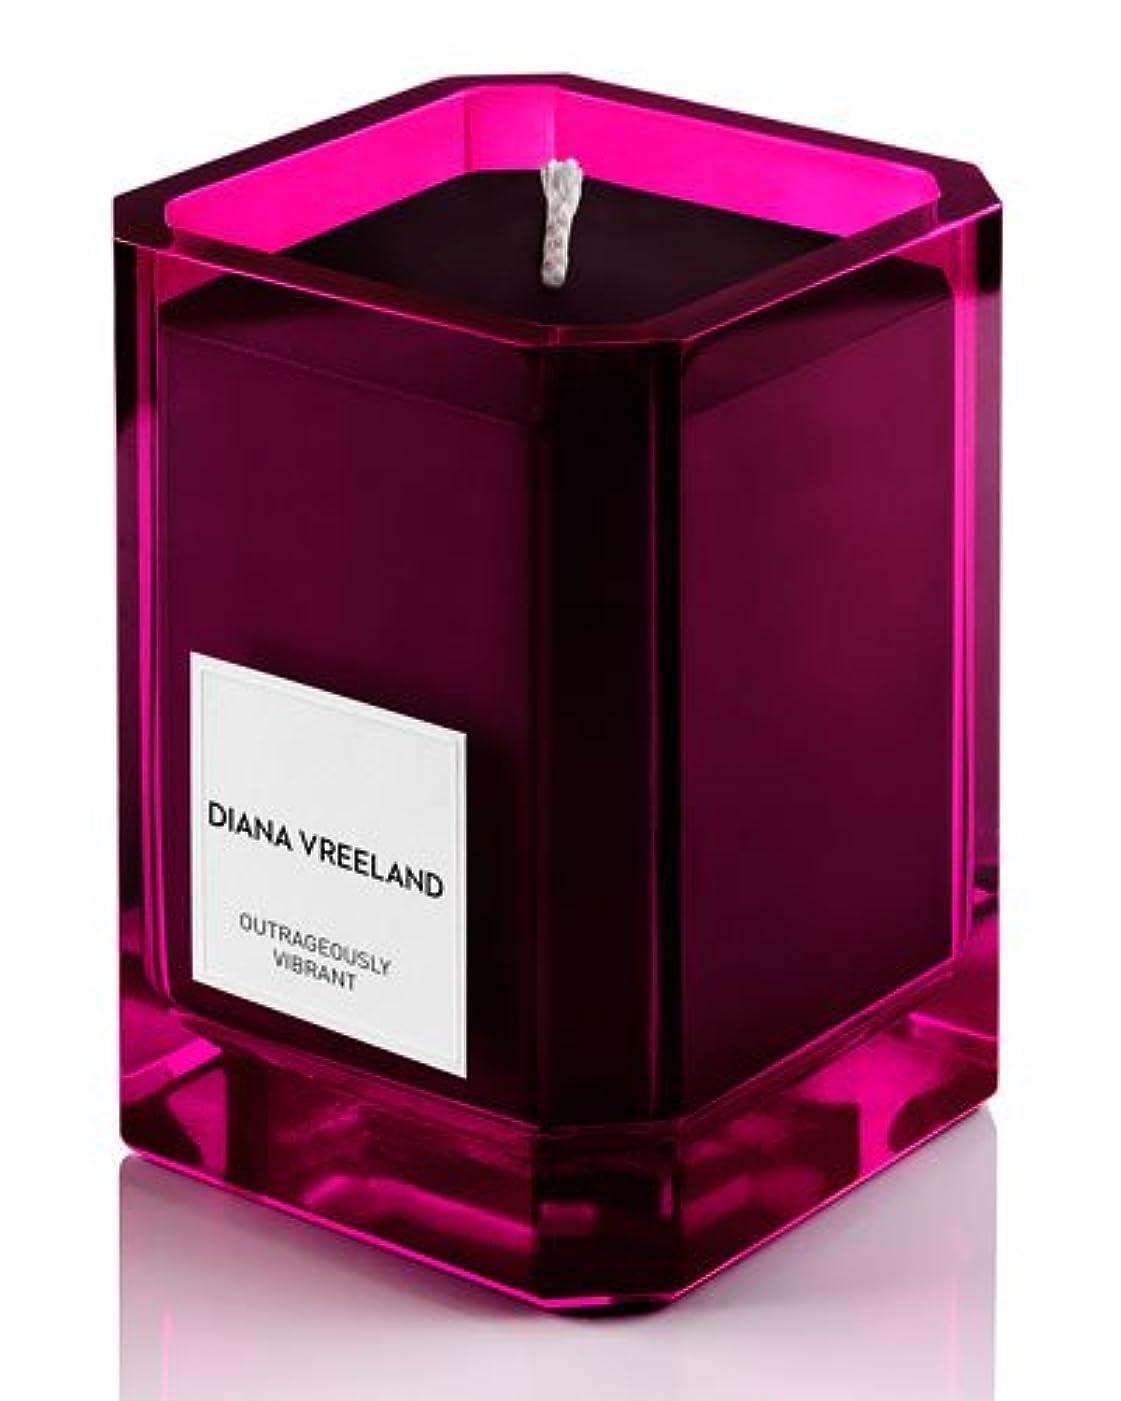 名詞不名誉な肥料Diana Vreeland Outrageously Vibrant(ダイアナ ヴリーランド アウトレイジャスリー ヴィブラント)9.7 oz (291ml) Candle(香り付きキャンドル)